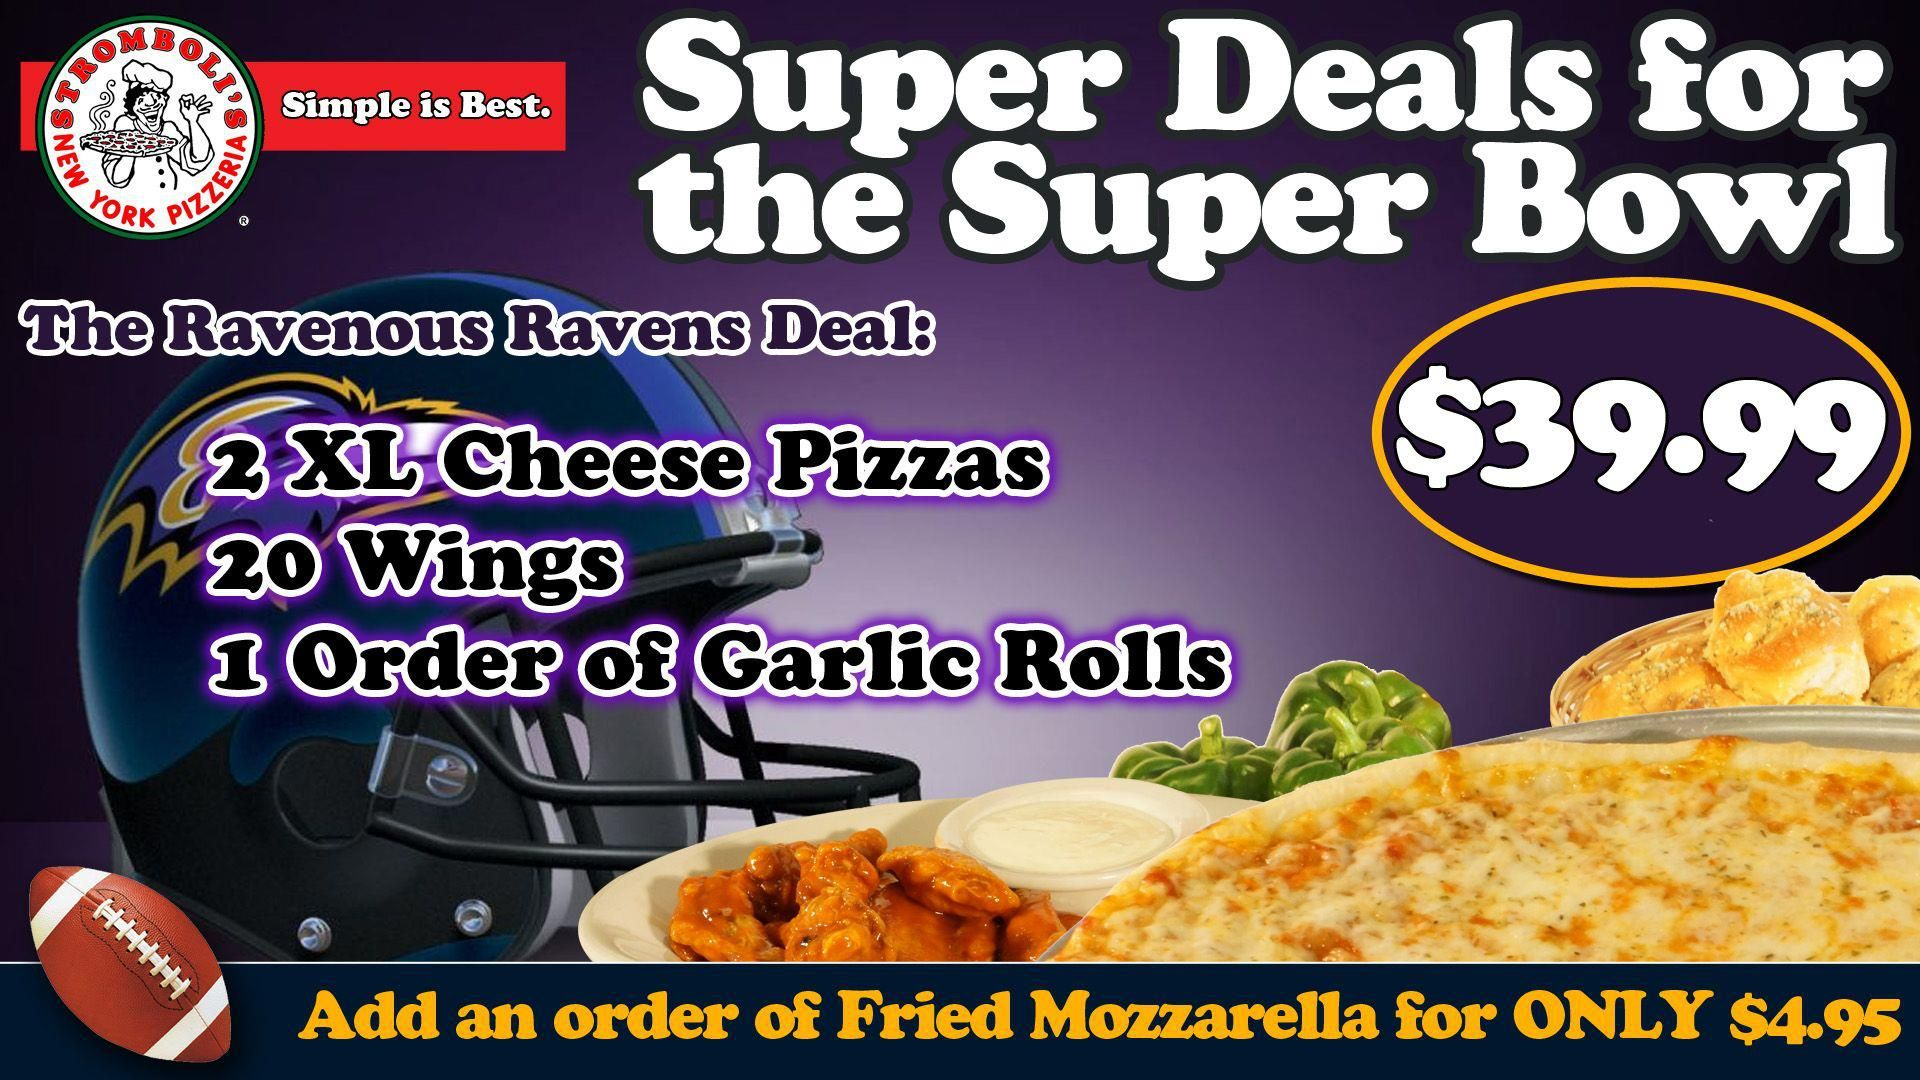 Super Bowl Pizza And Wing Deals Super Bowl Pizza Super Bowl Food Food